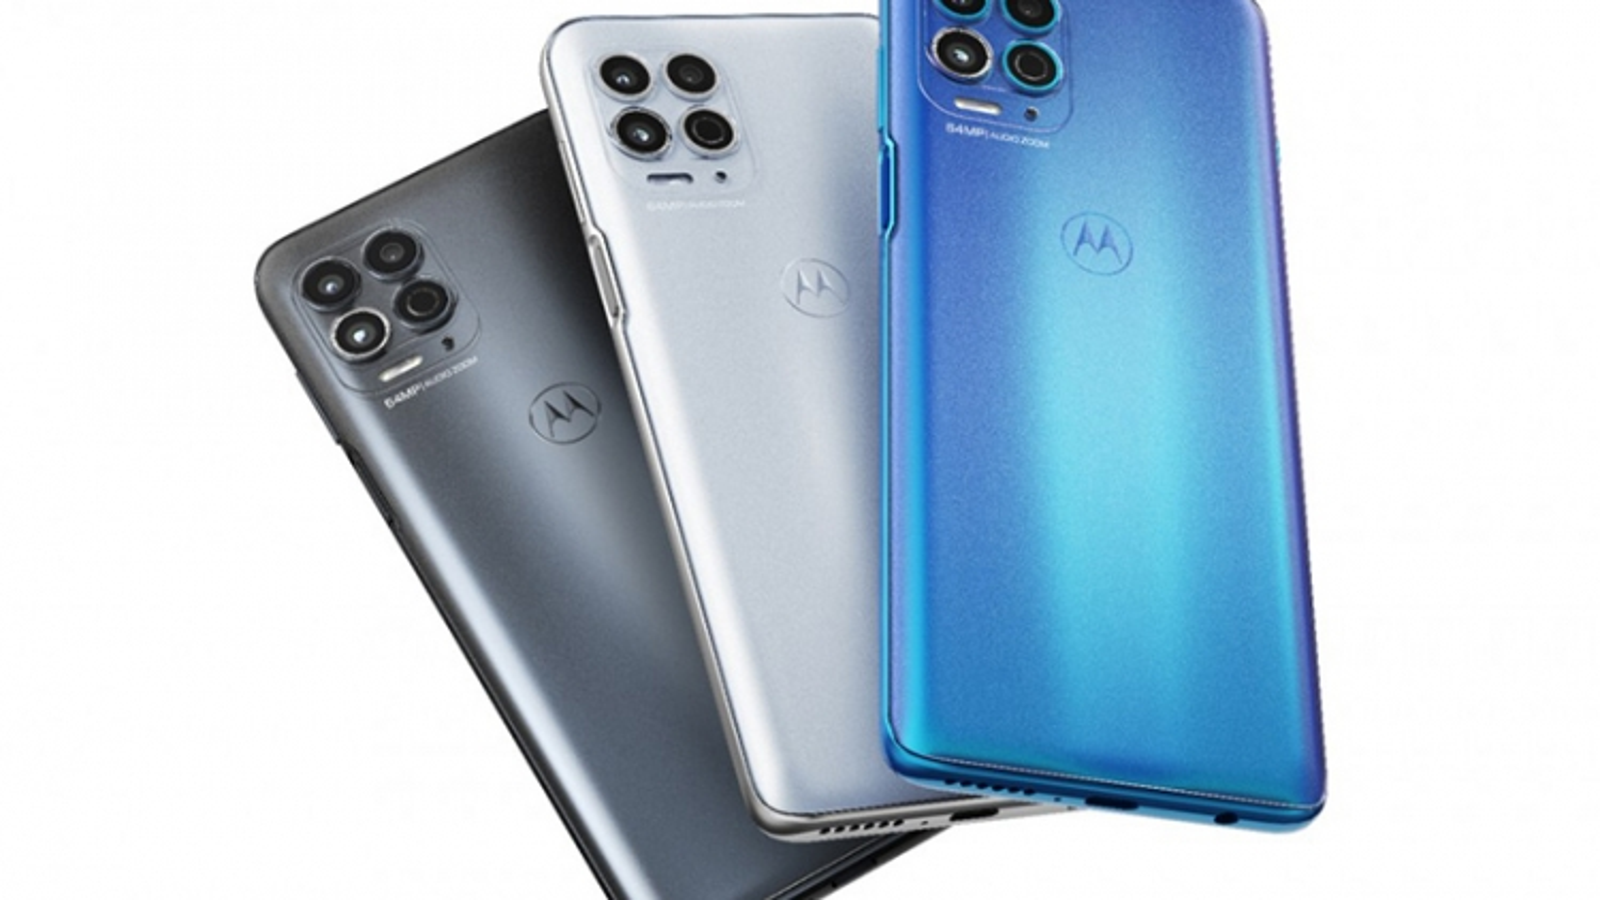 Motorola ra mắt smartphone hàng đầu với mức giá phải chăng